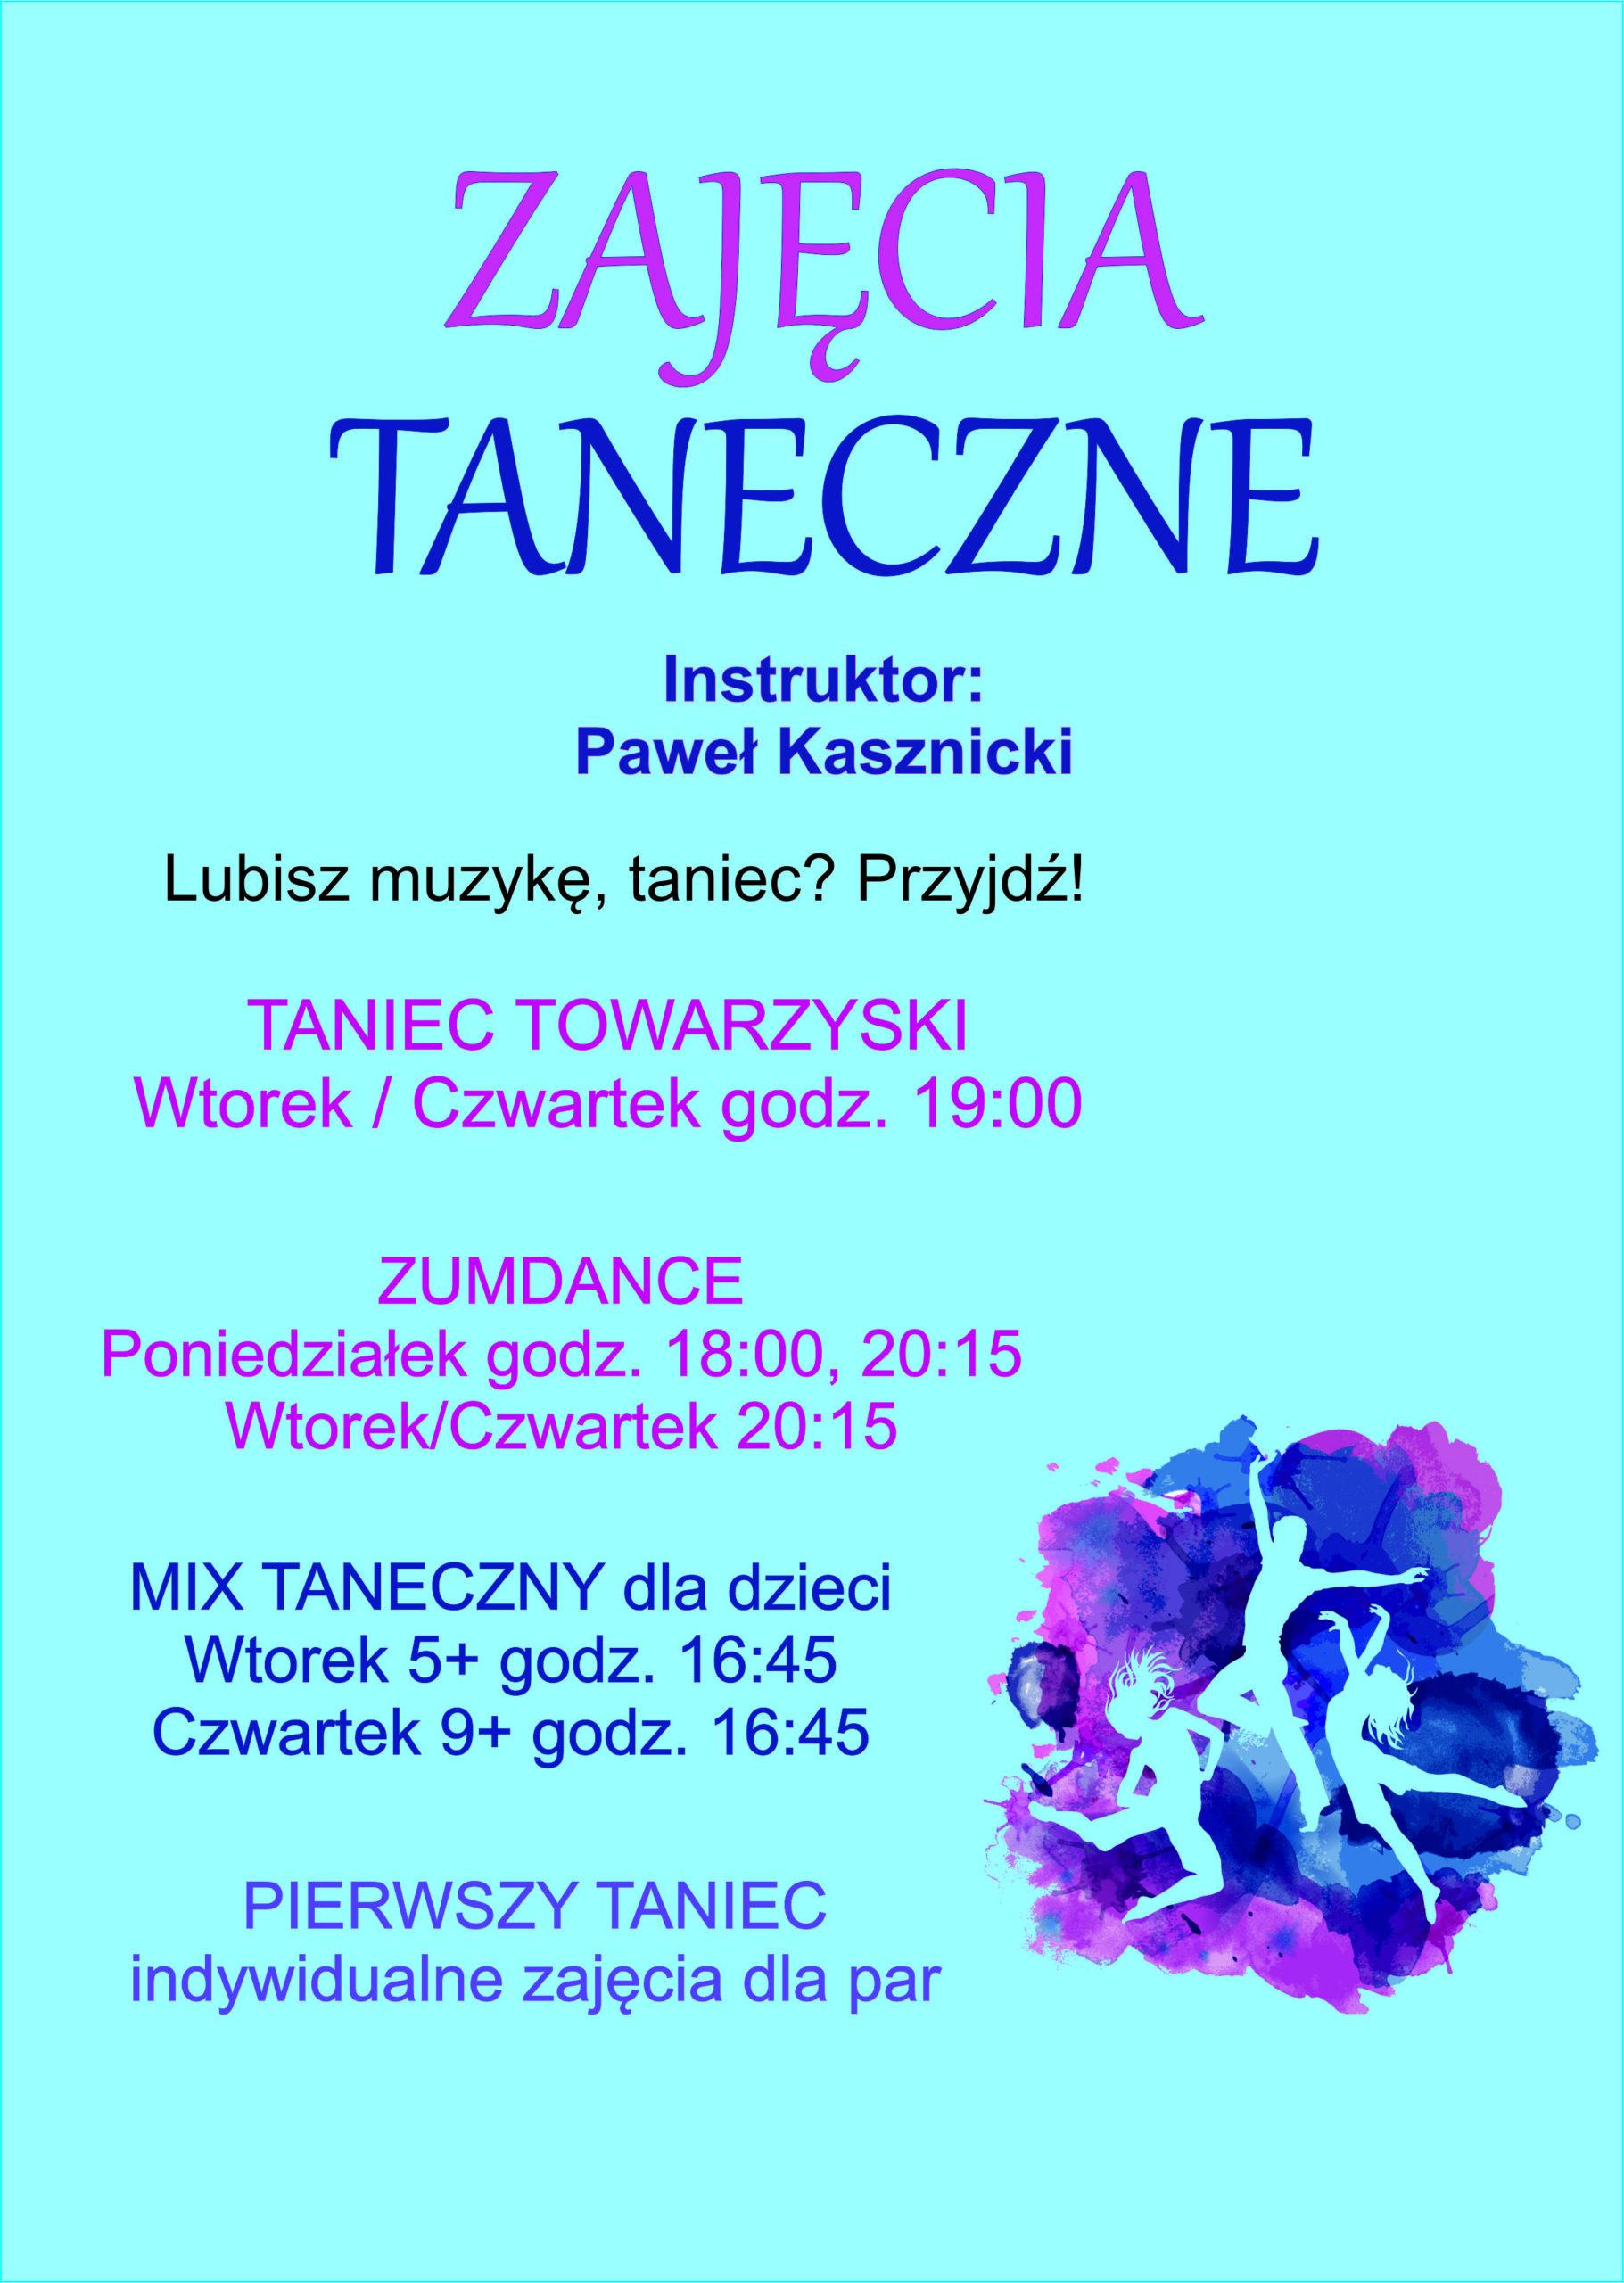 GDKzB w Ksawerowie zaprasza na zajęcia taneczne prowadzone przez Pawła Kasznickiego. ZumDance, Mix taneczny dla dzieci, pierwszy taniec